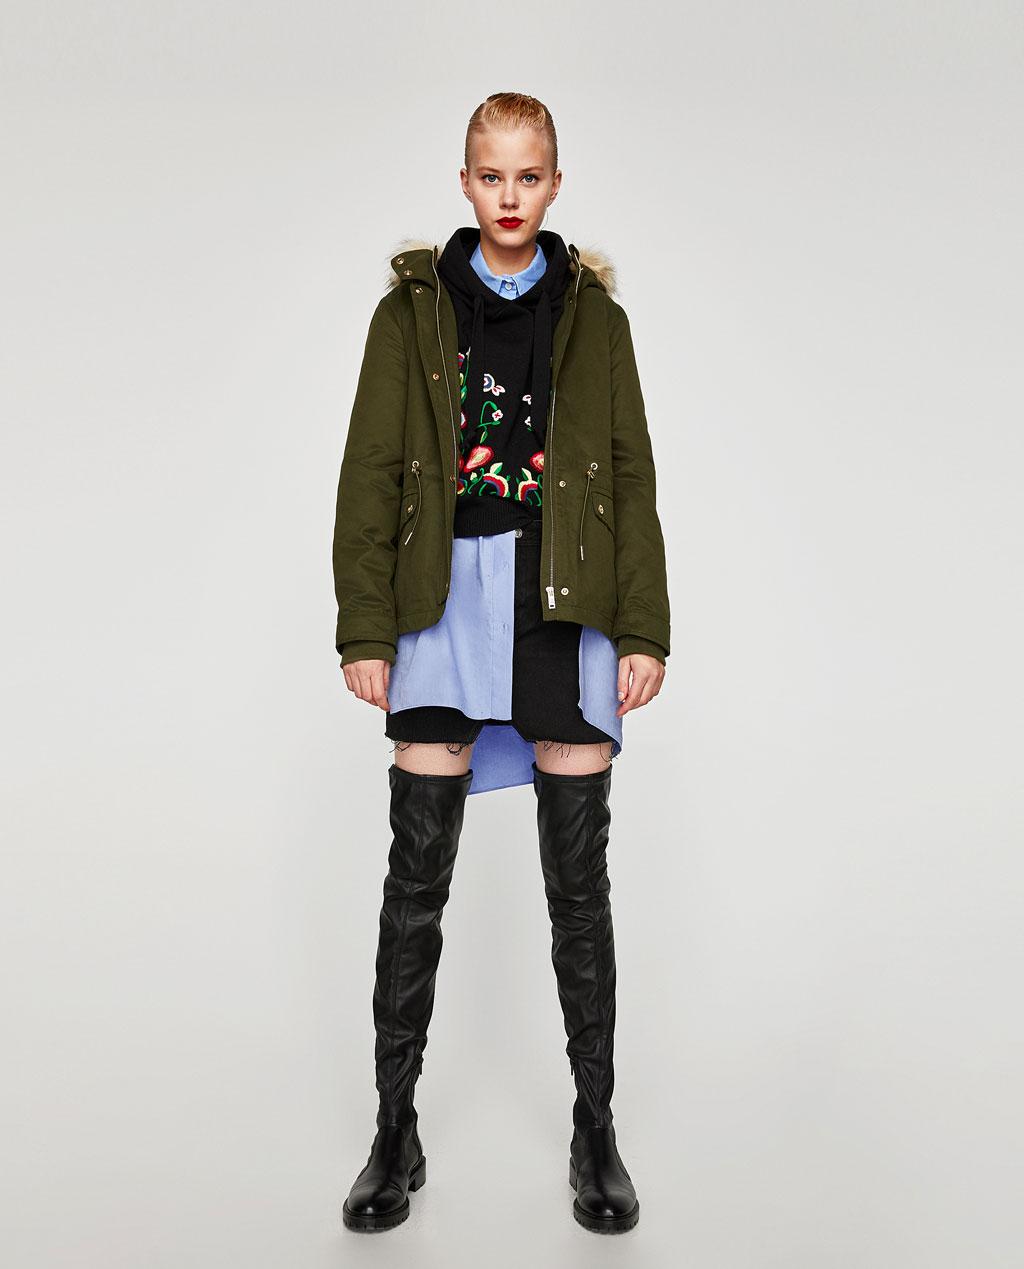 Parka corto Zara inverno 2017 2018 prezzo 59 95 euro